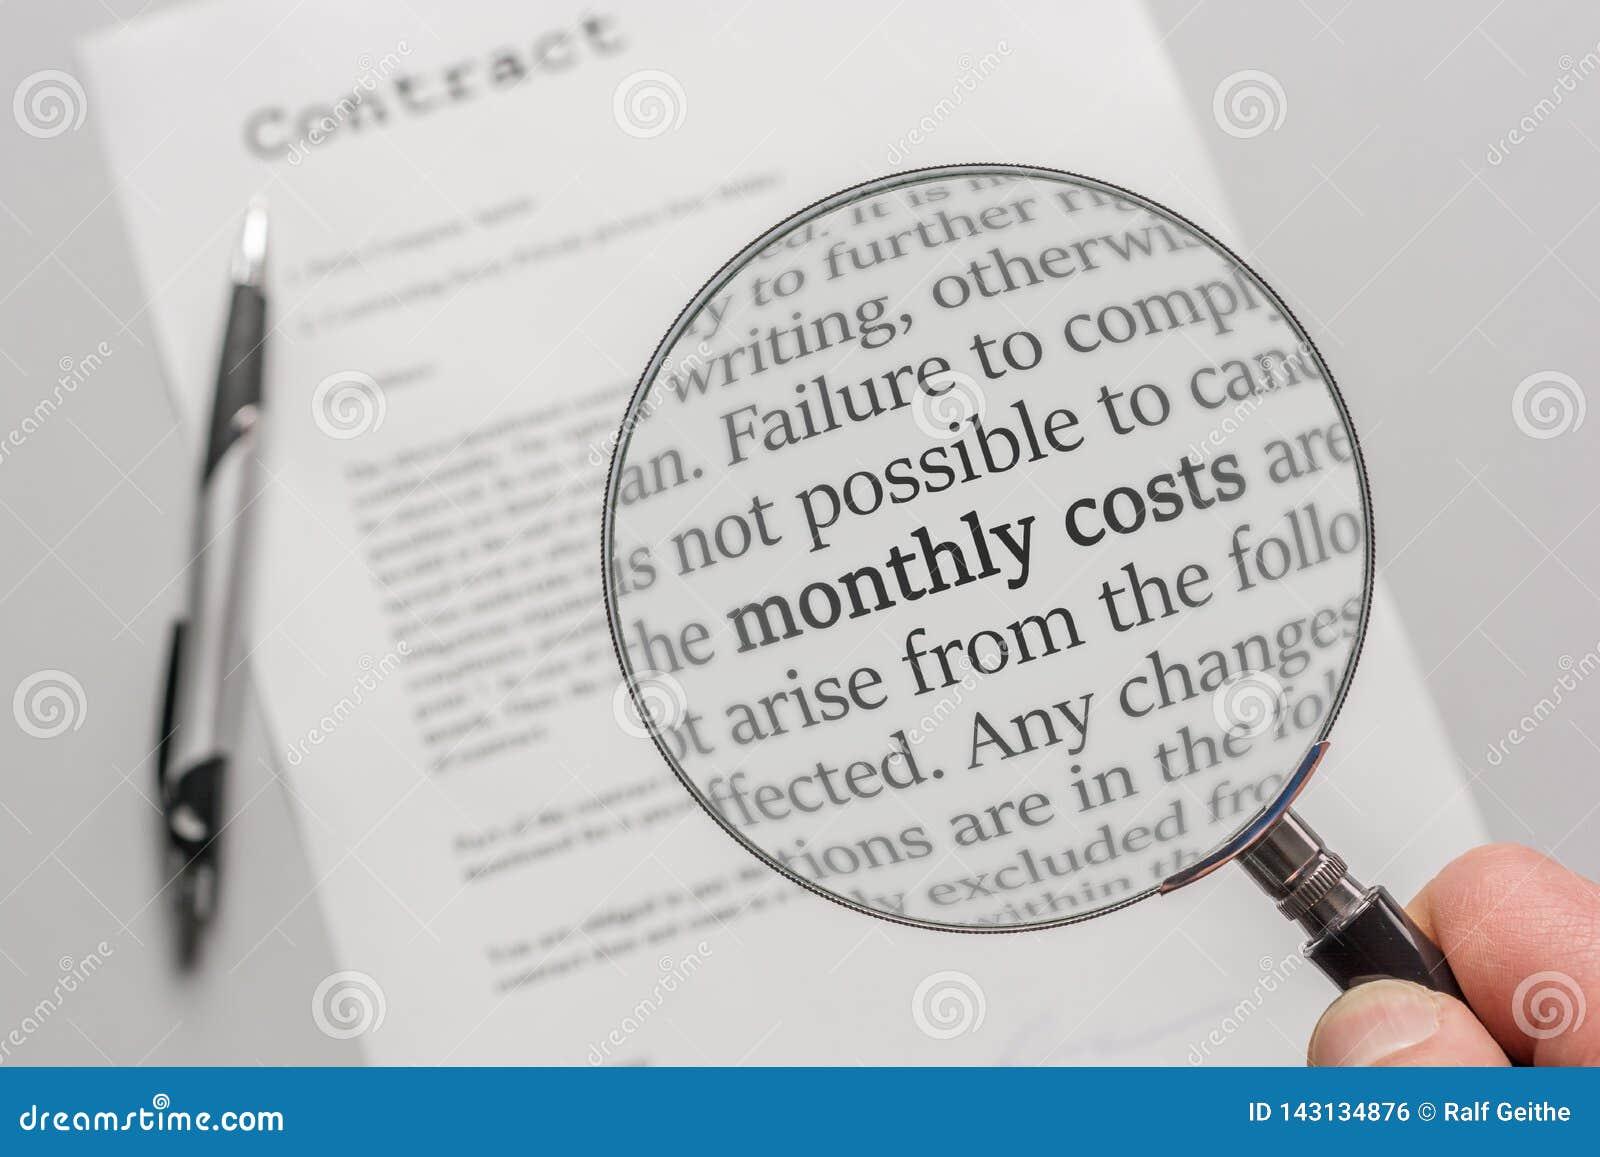 O contrato é verificado com uma lupa a propósito dos custos mensais em consequência de um contrato